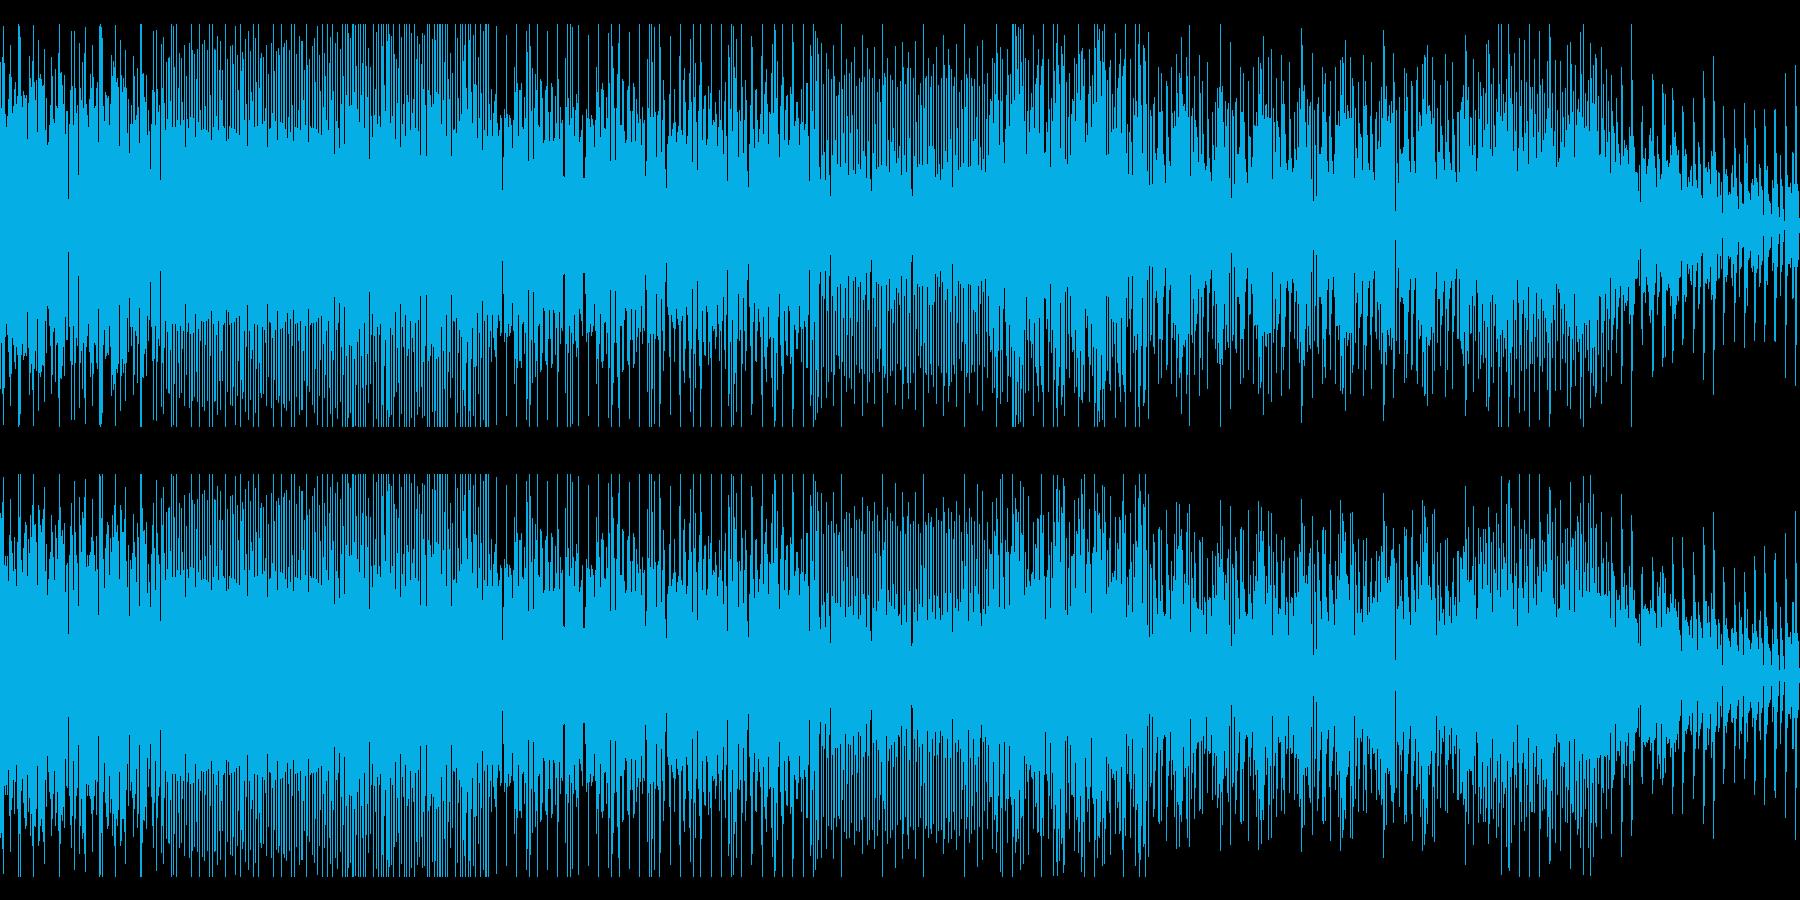 ドラムンベースのようなチップチューンの再生済みの波形